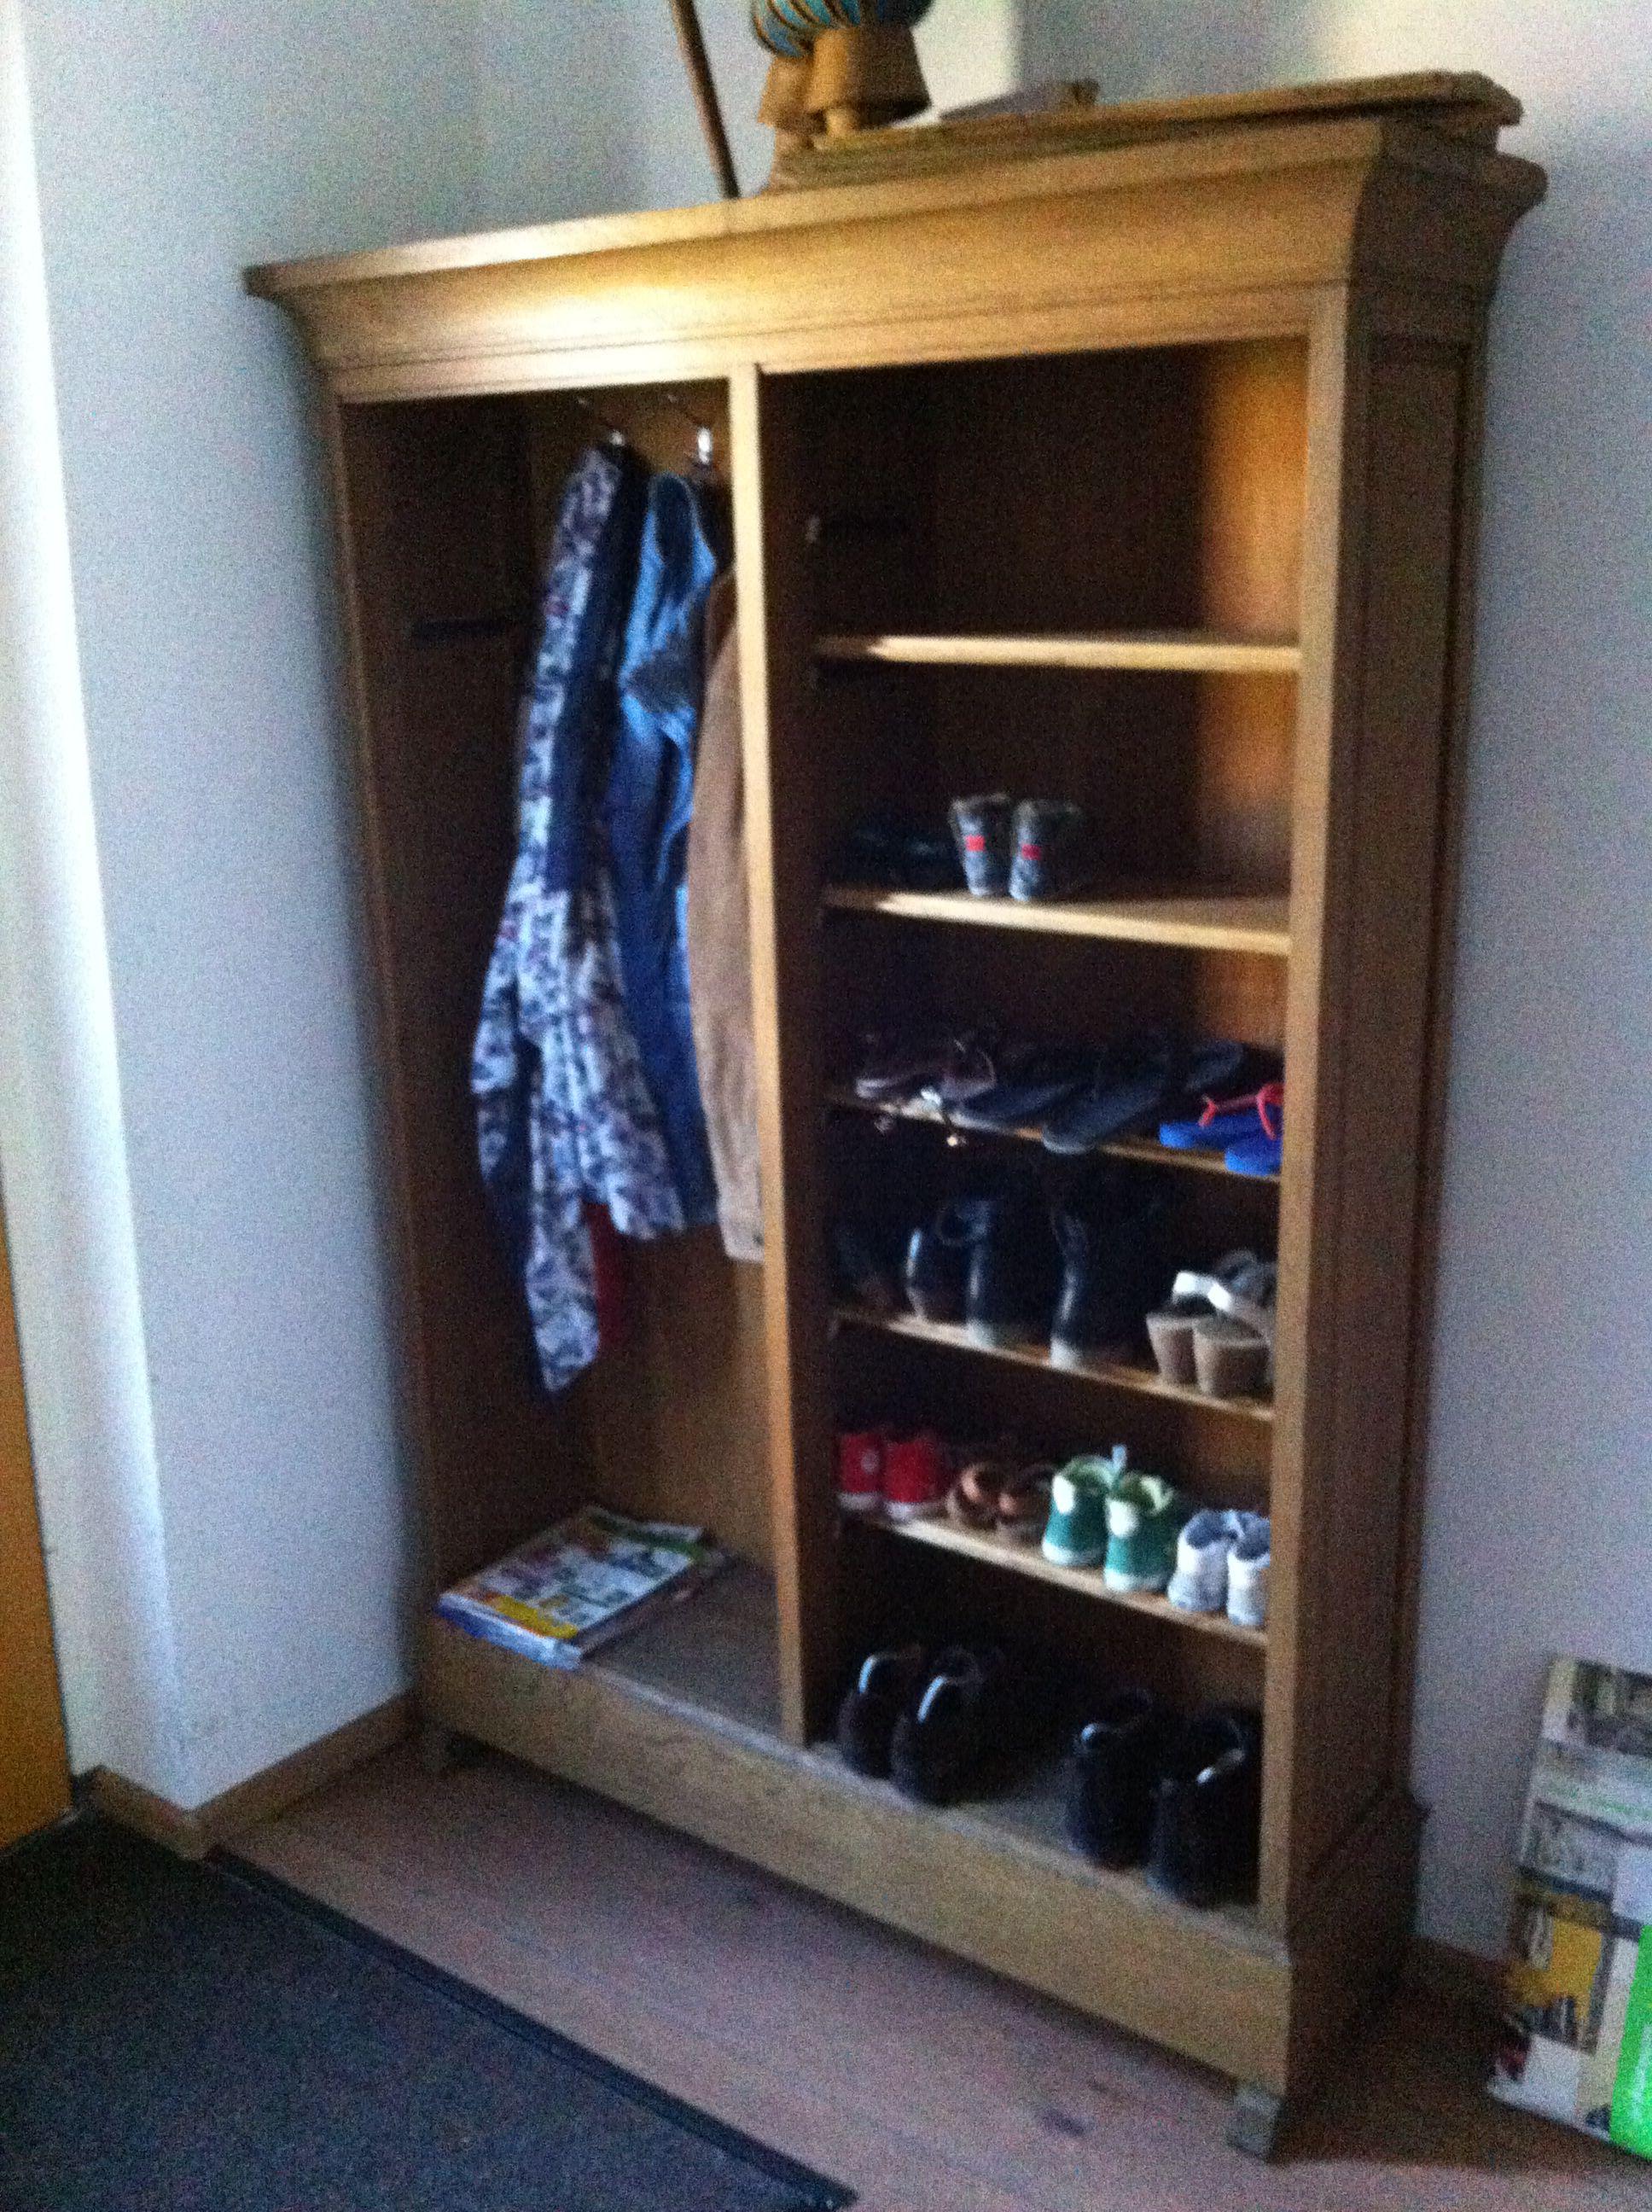 kapstok en schoenenkast gemaakt van een oude boekenkast